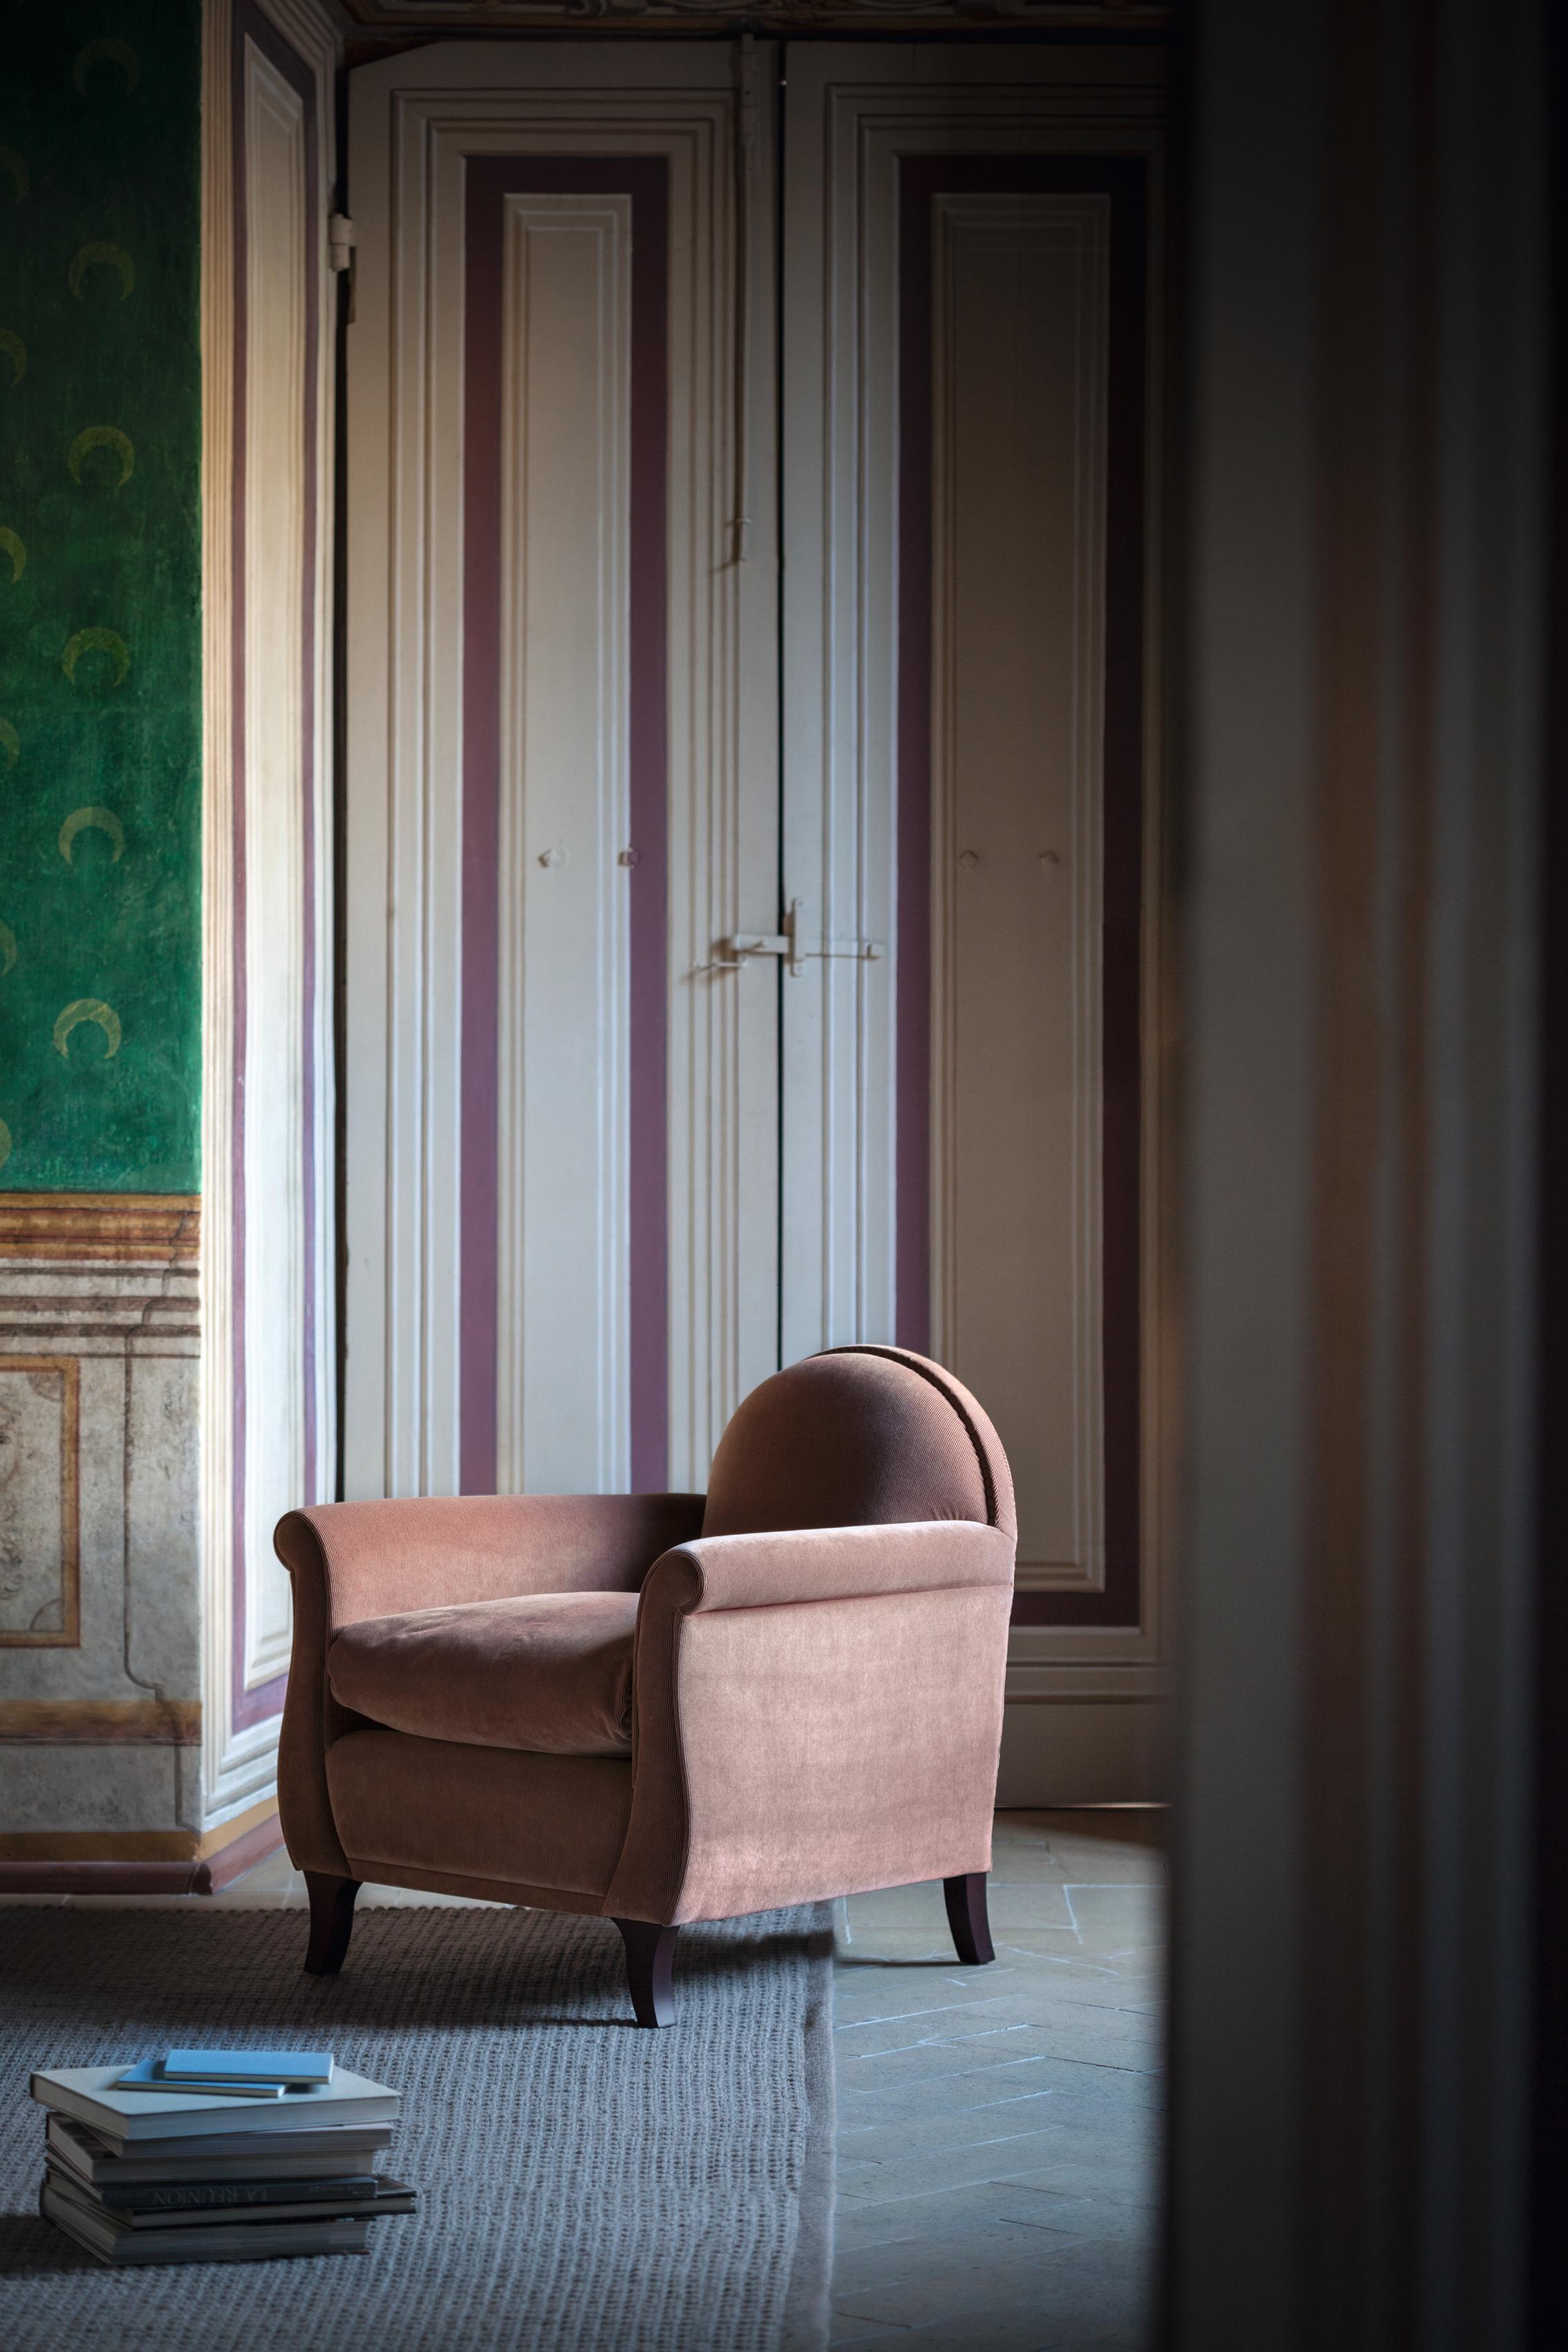 Poltrona Frau Leder Armchair